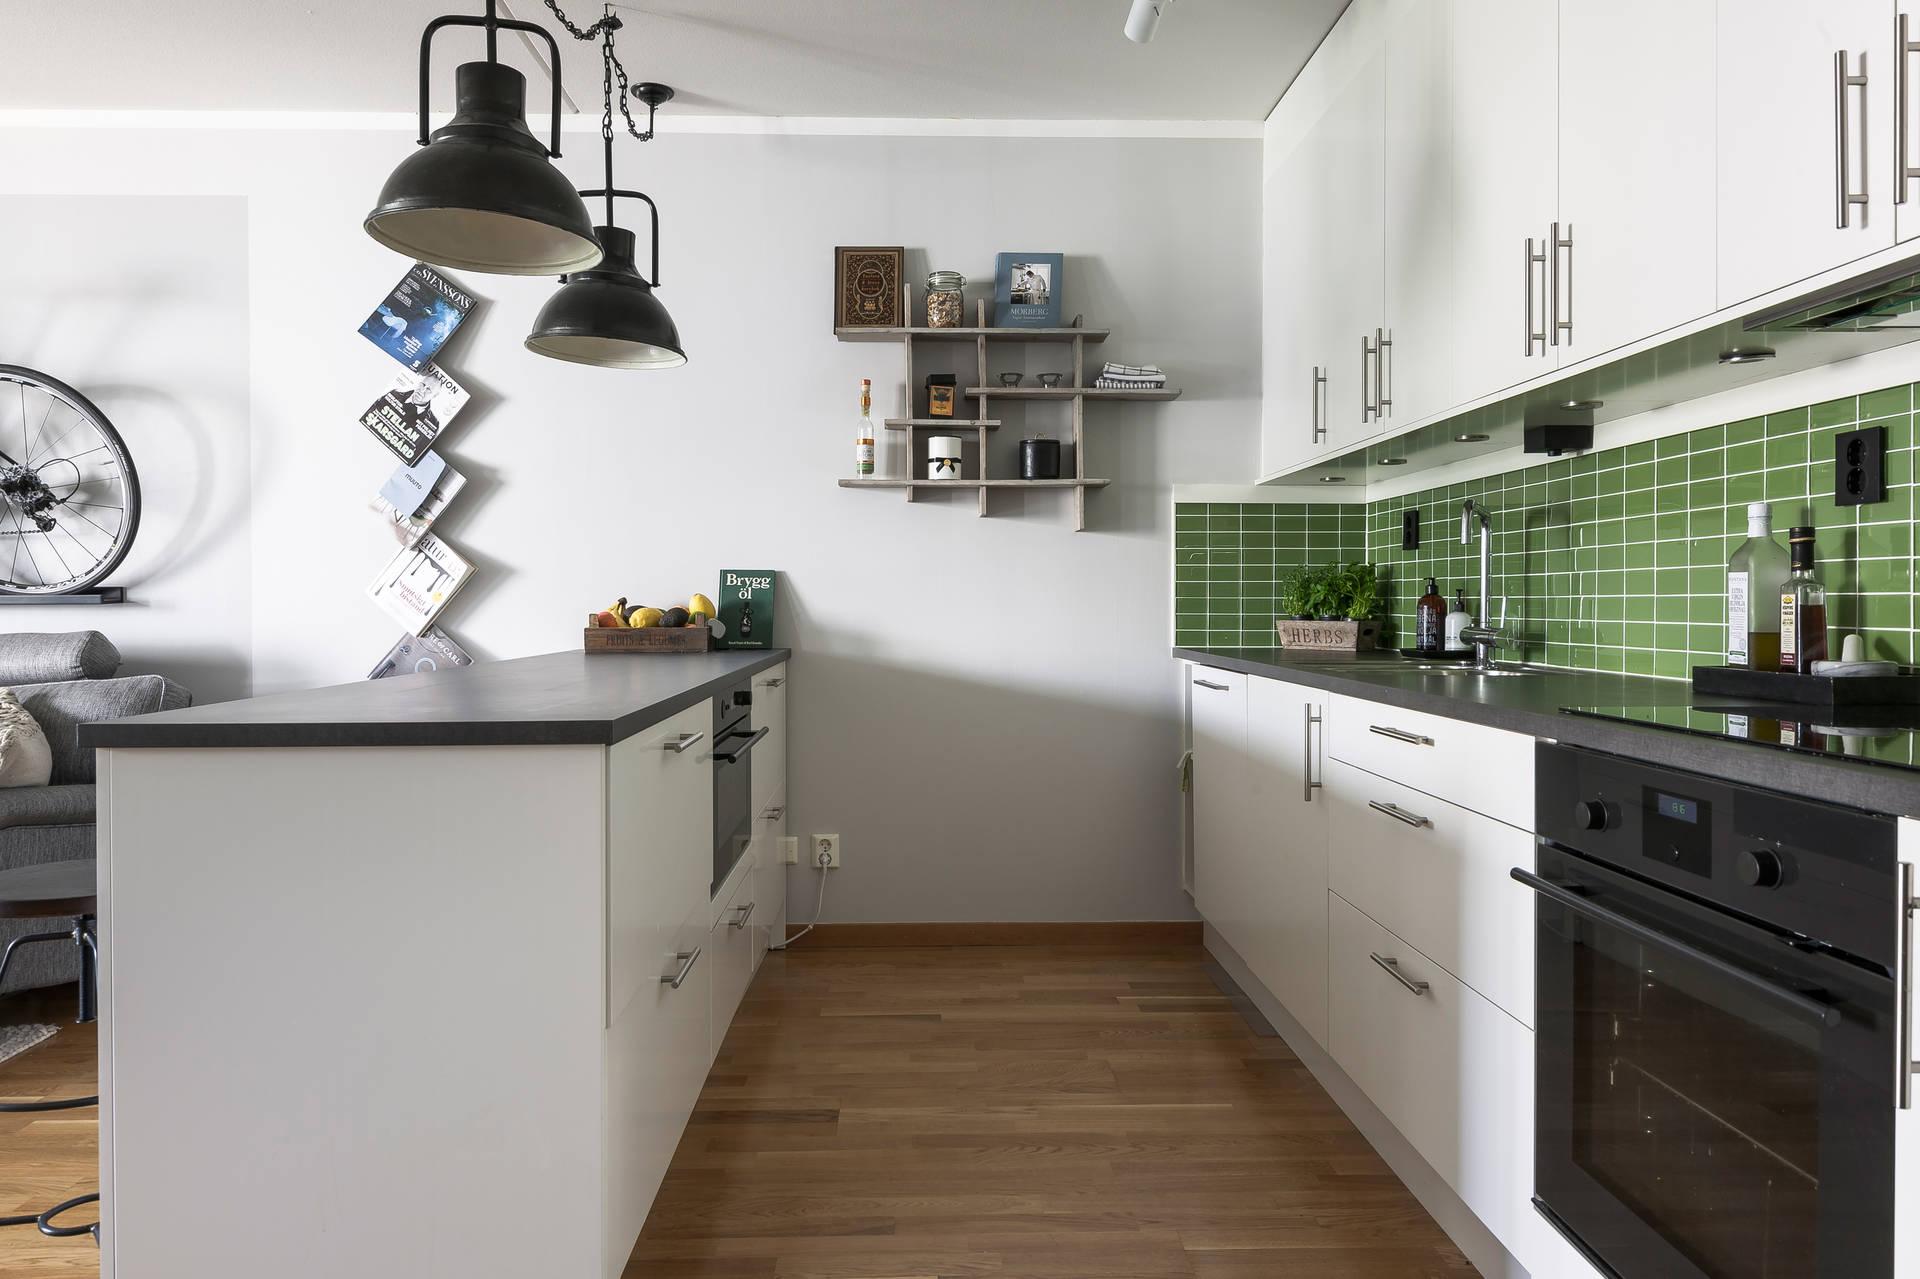 кухня остров лампы зеленая плитка